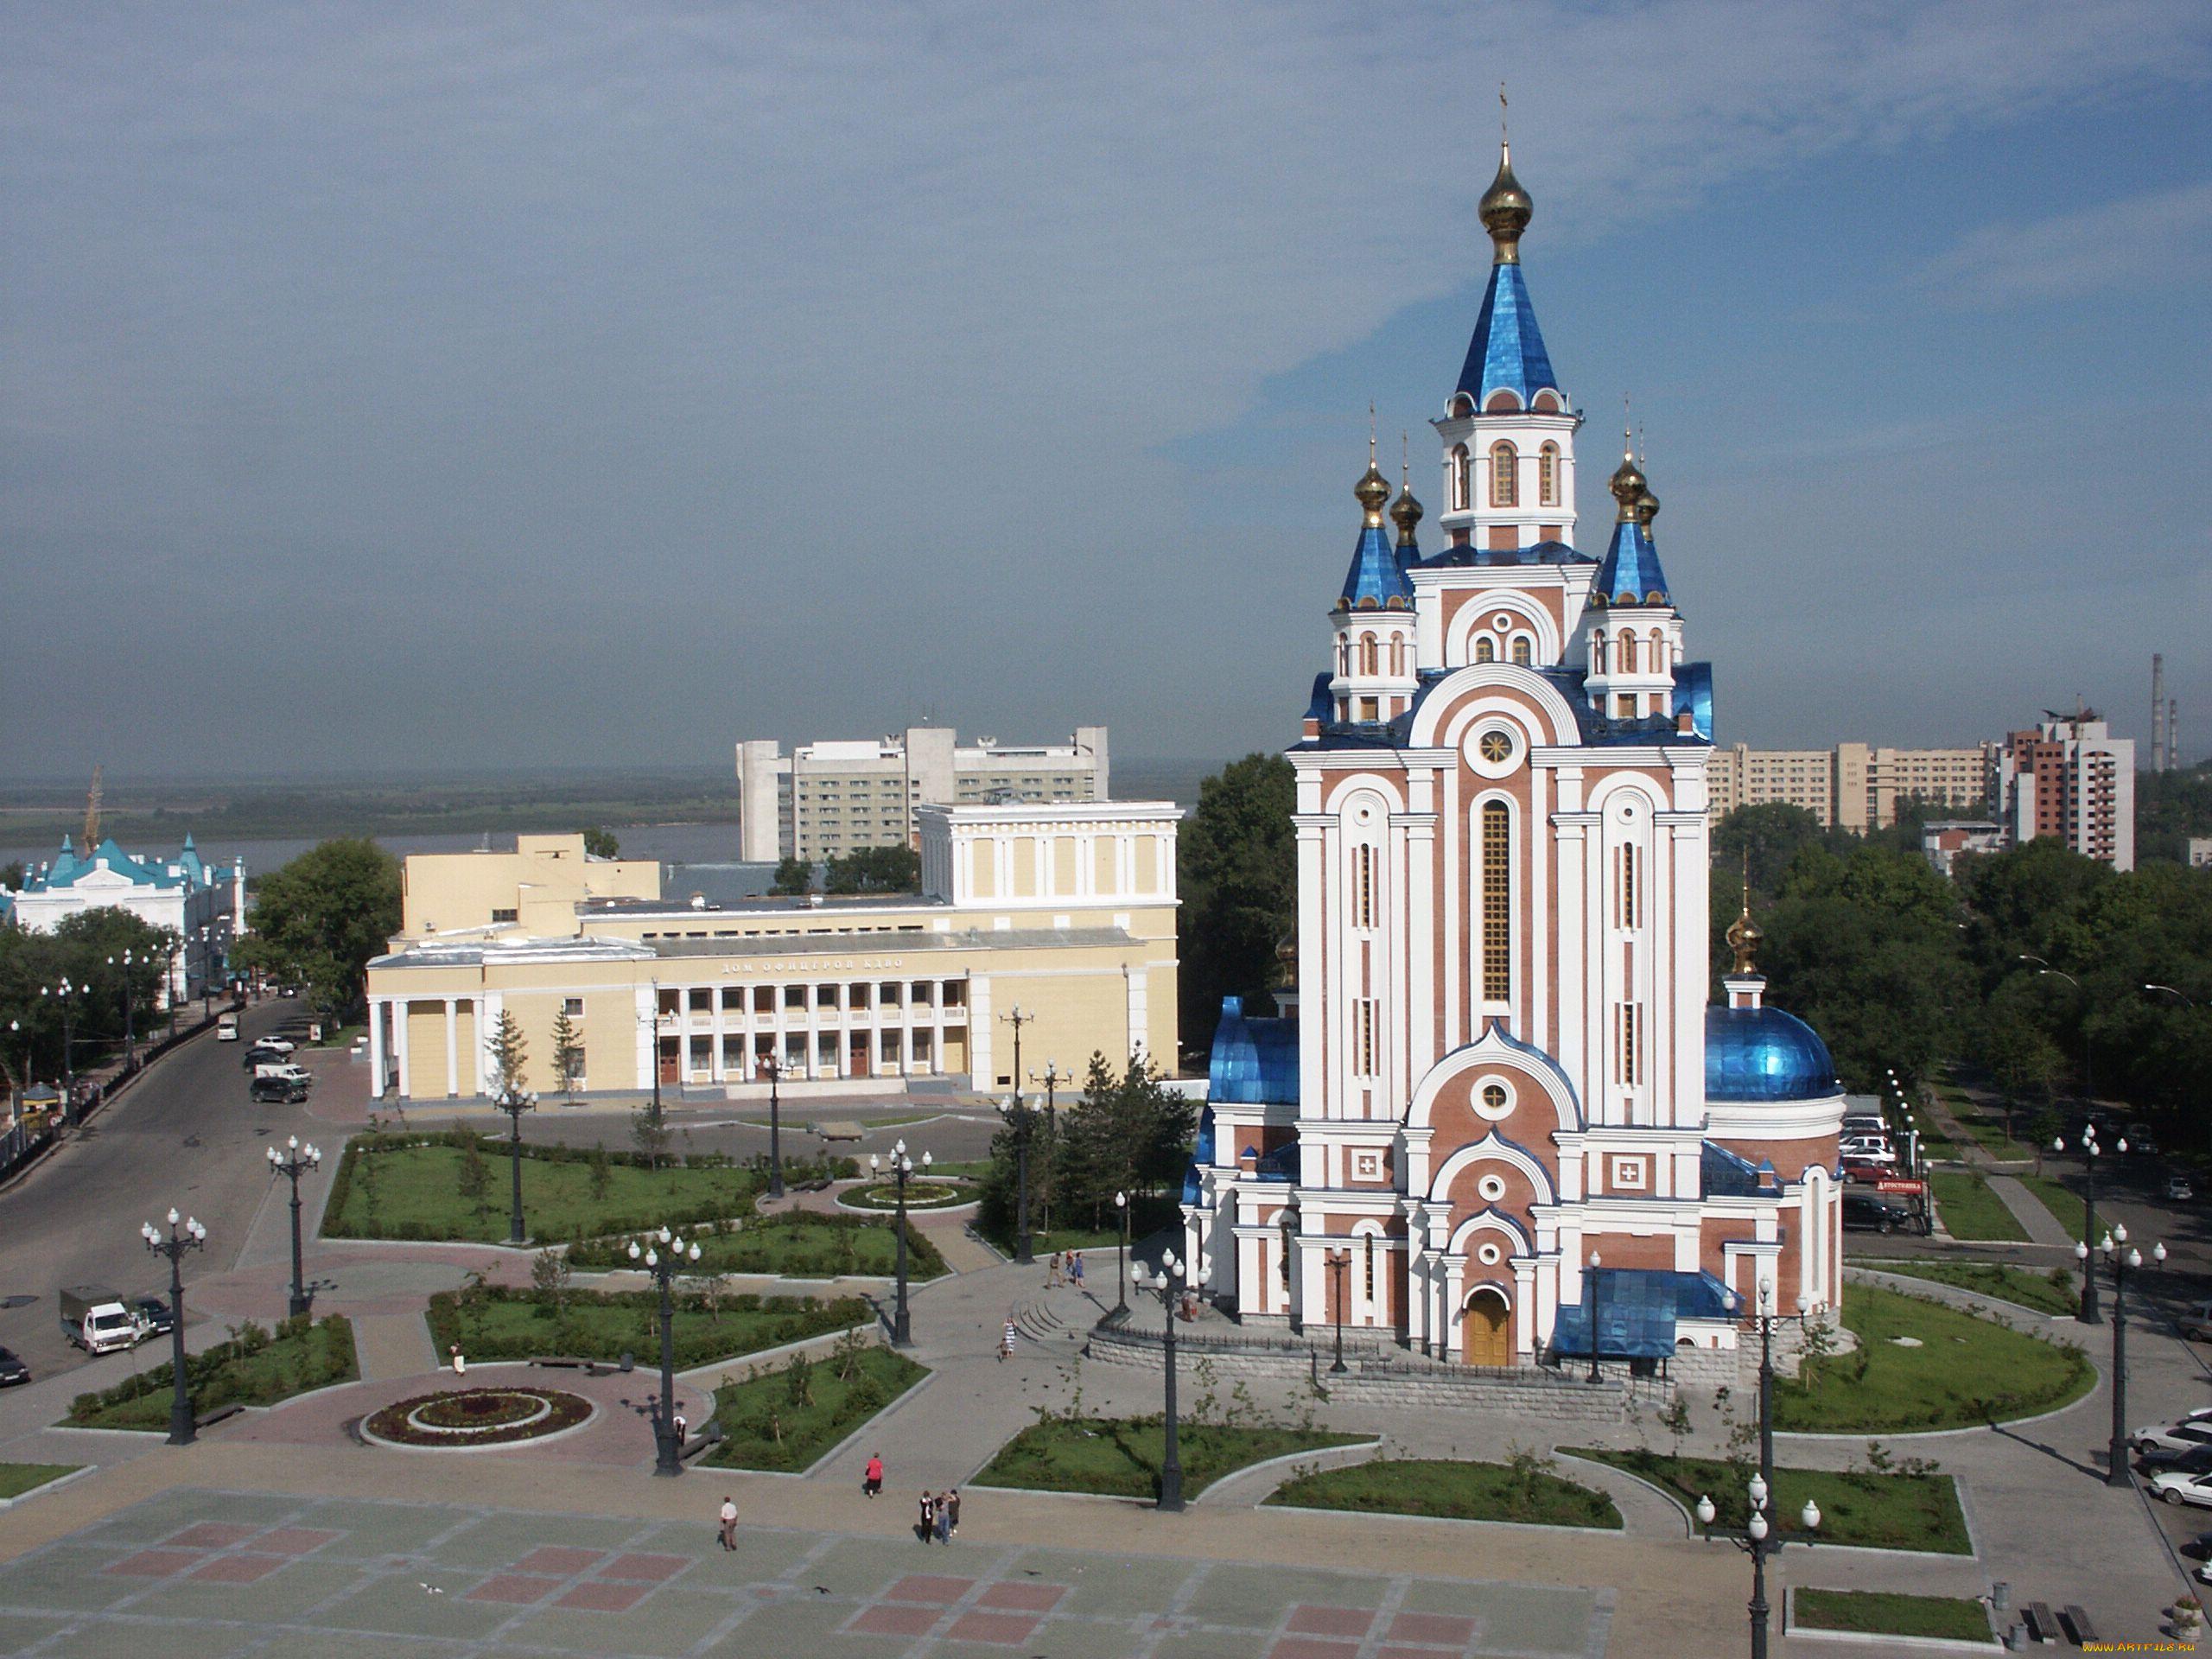 Г хабаровск достопримечательности фото и описание